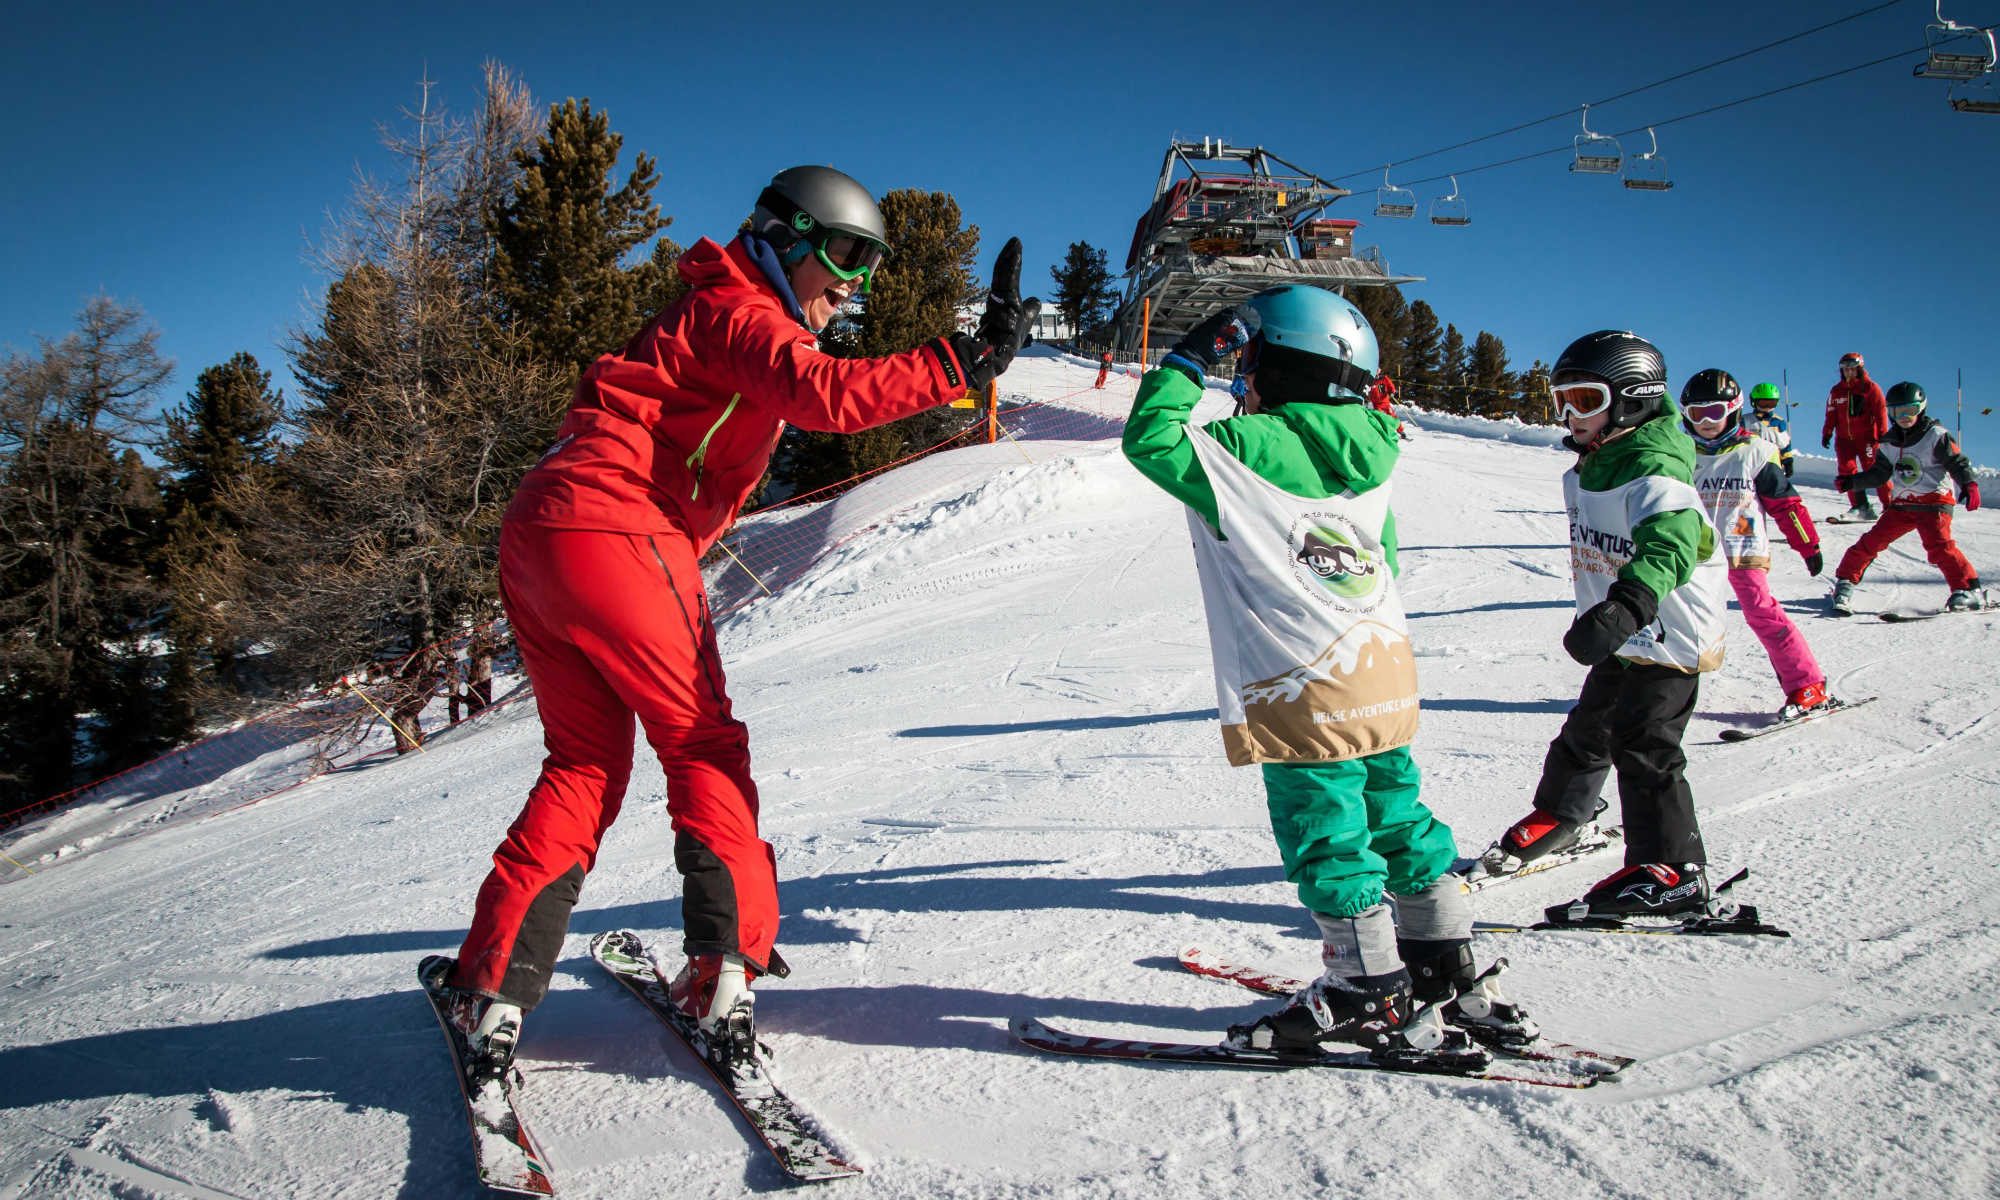 Eine gut gelaunte Skilehrerin übt mit Kindern das Kurvenfahren auf einer Pisten in Nendaz.